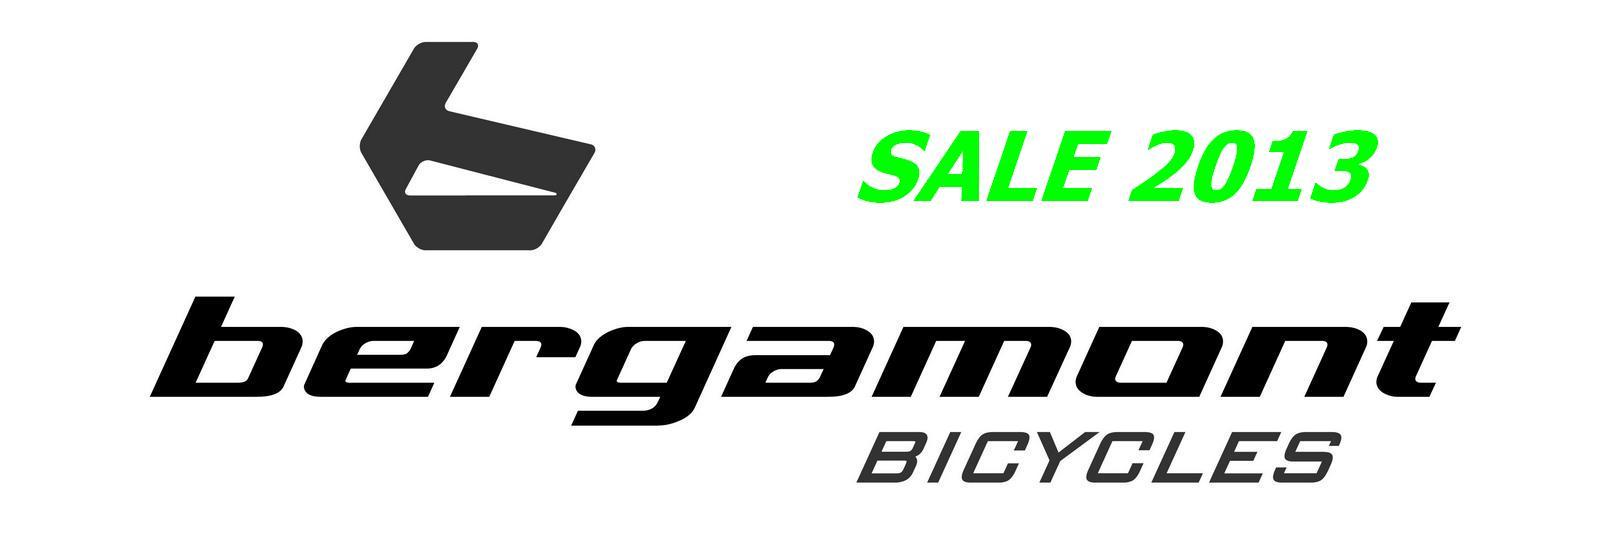 Велосипеды Bergamont 2013 - распродажа остатков прошлого сезона - Сервис MULTI